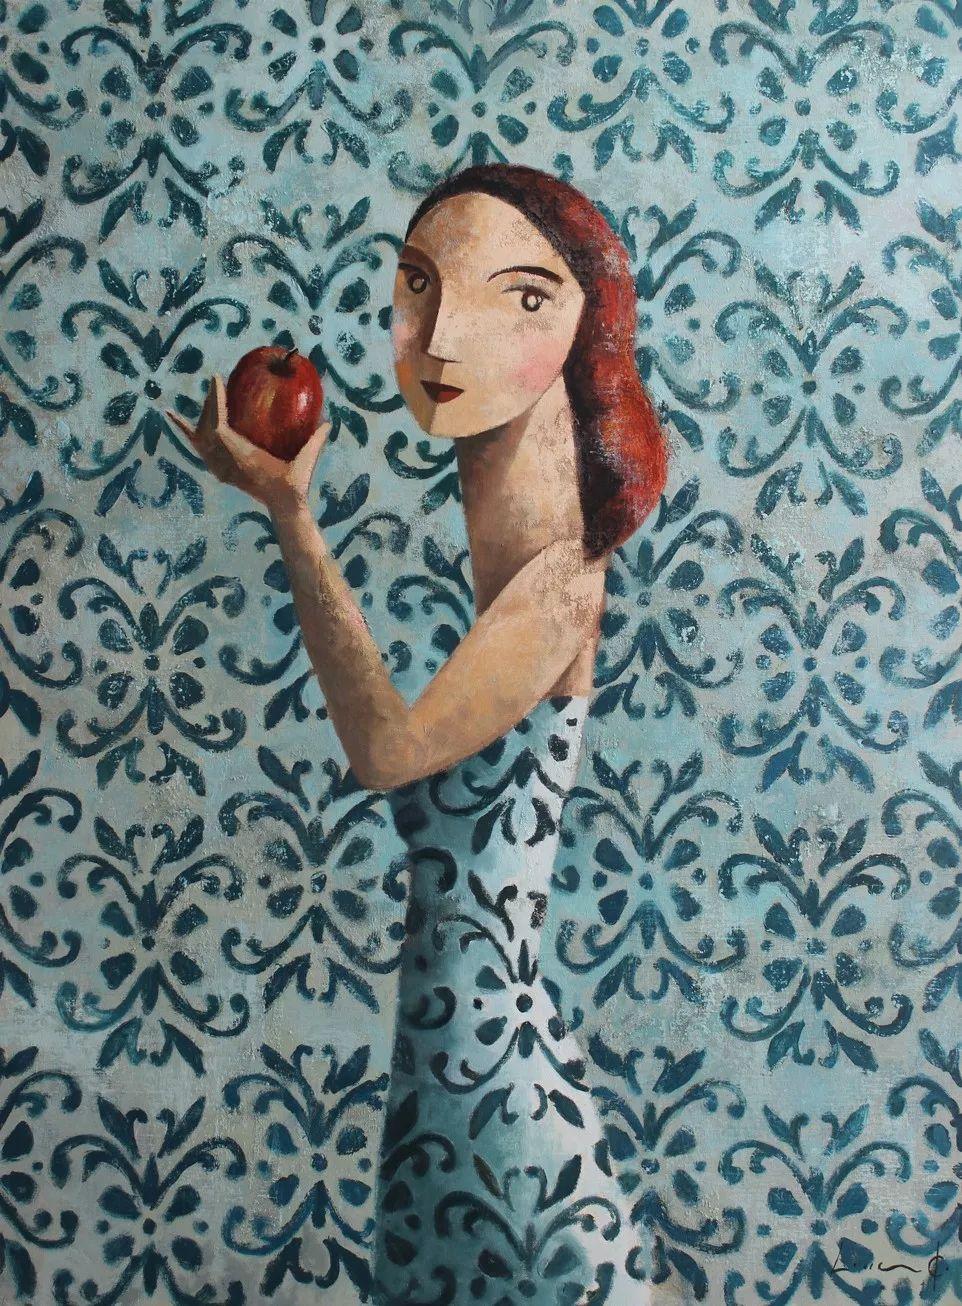 情感的表达,西班牙画家Didier Lourenço插图59